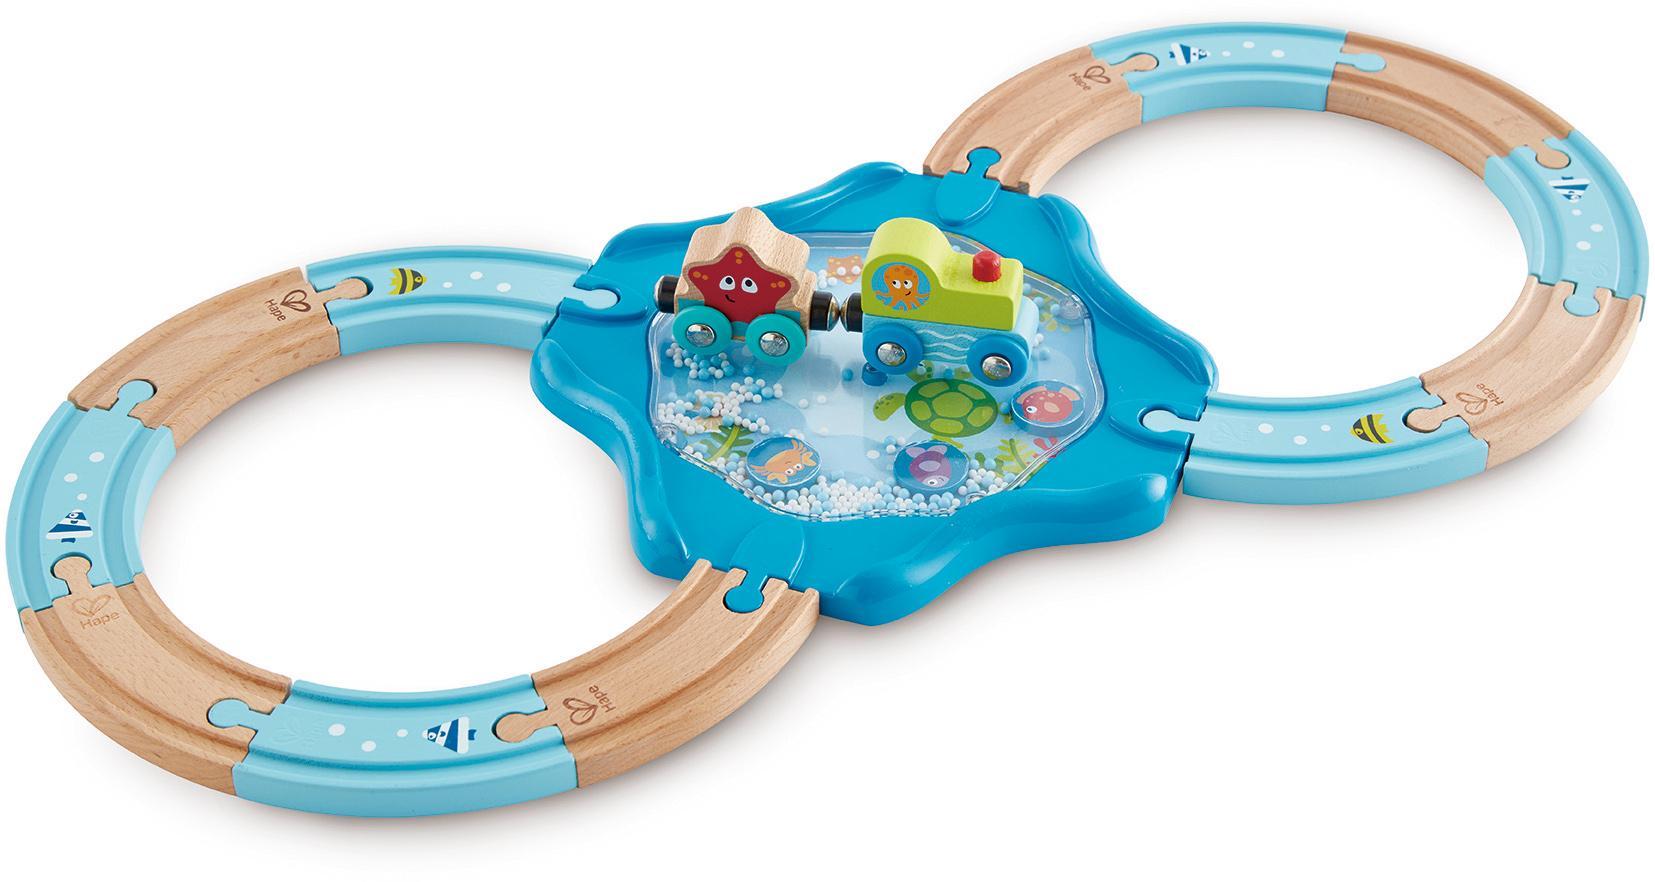 Hape Spielzeug-Eisenbahn Holzschienen Unterwasserwelt blau Kinder Kindereisenbahnen Autos, Eisenbahn Modellbau